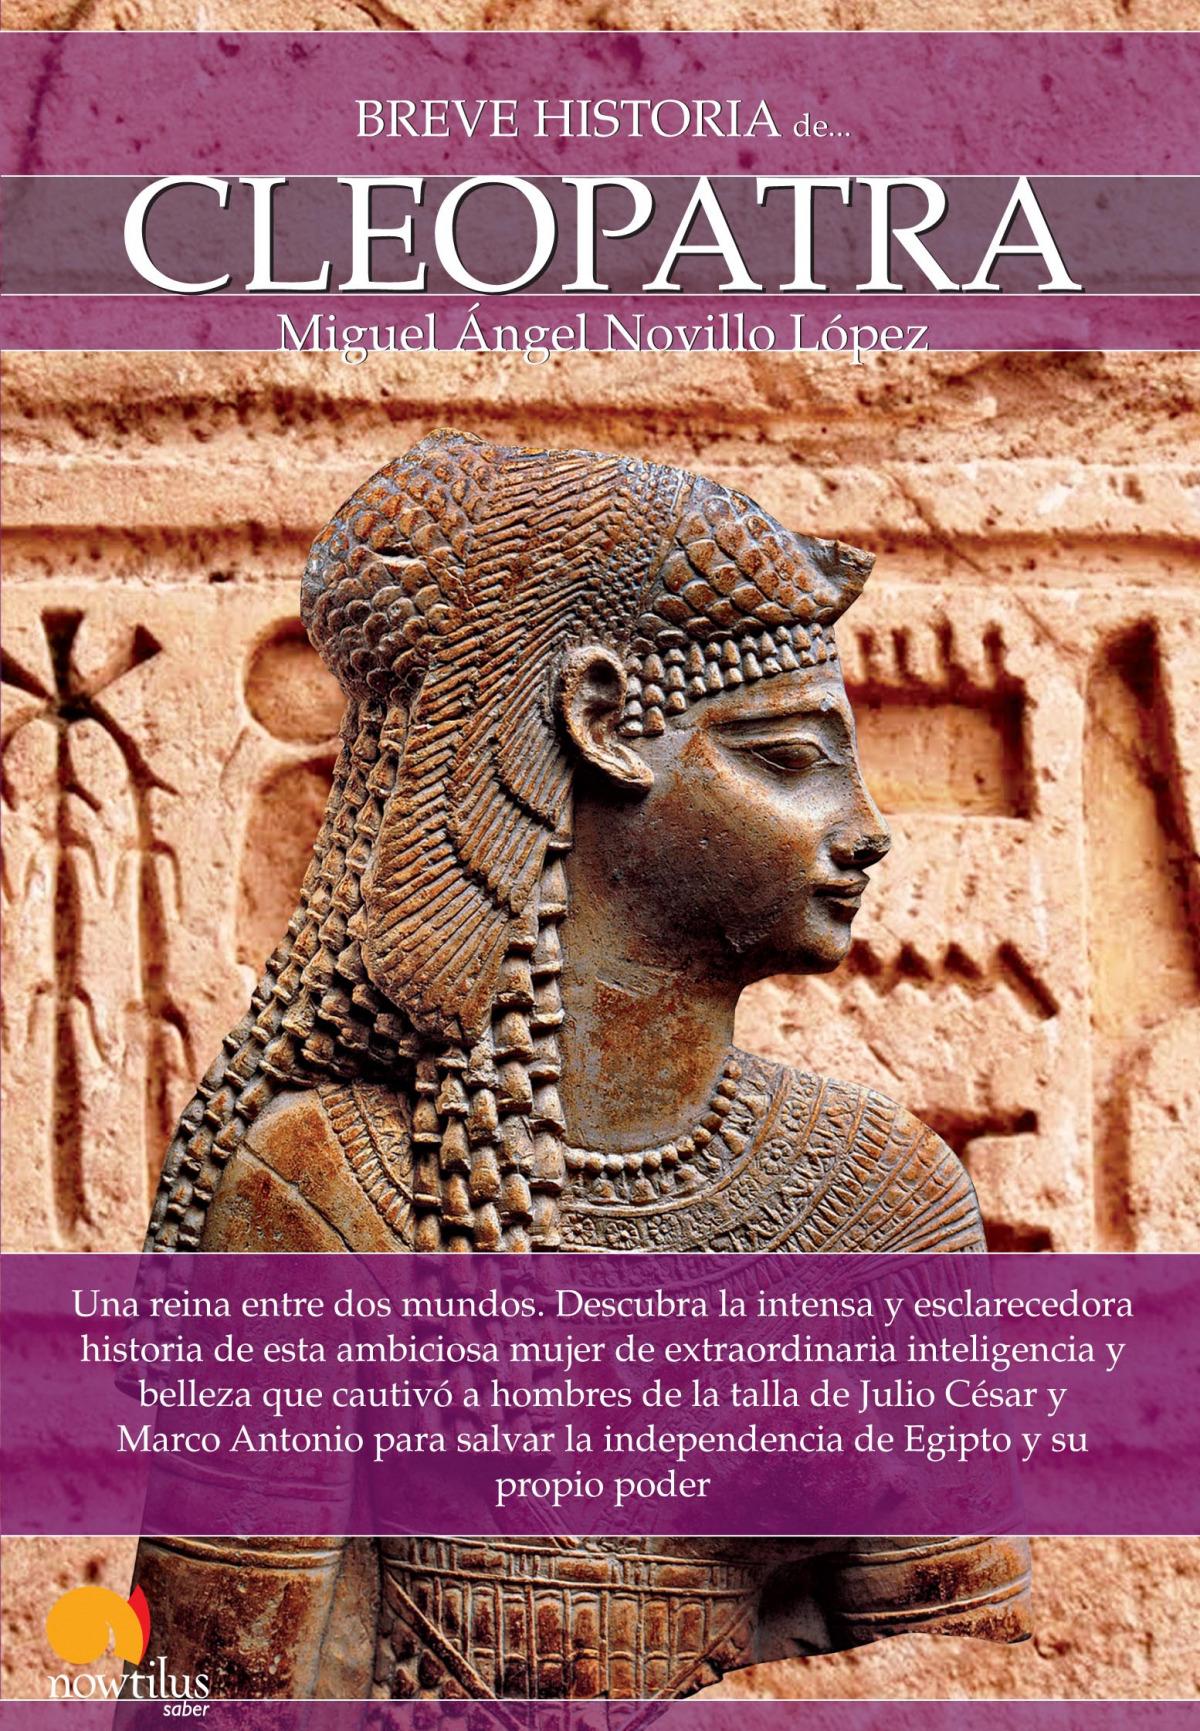 Breve historia de Cleopatra 9788499674384